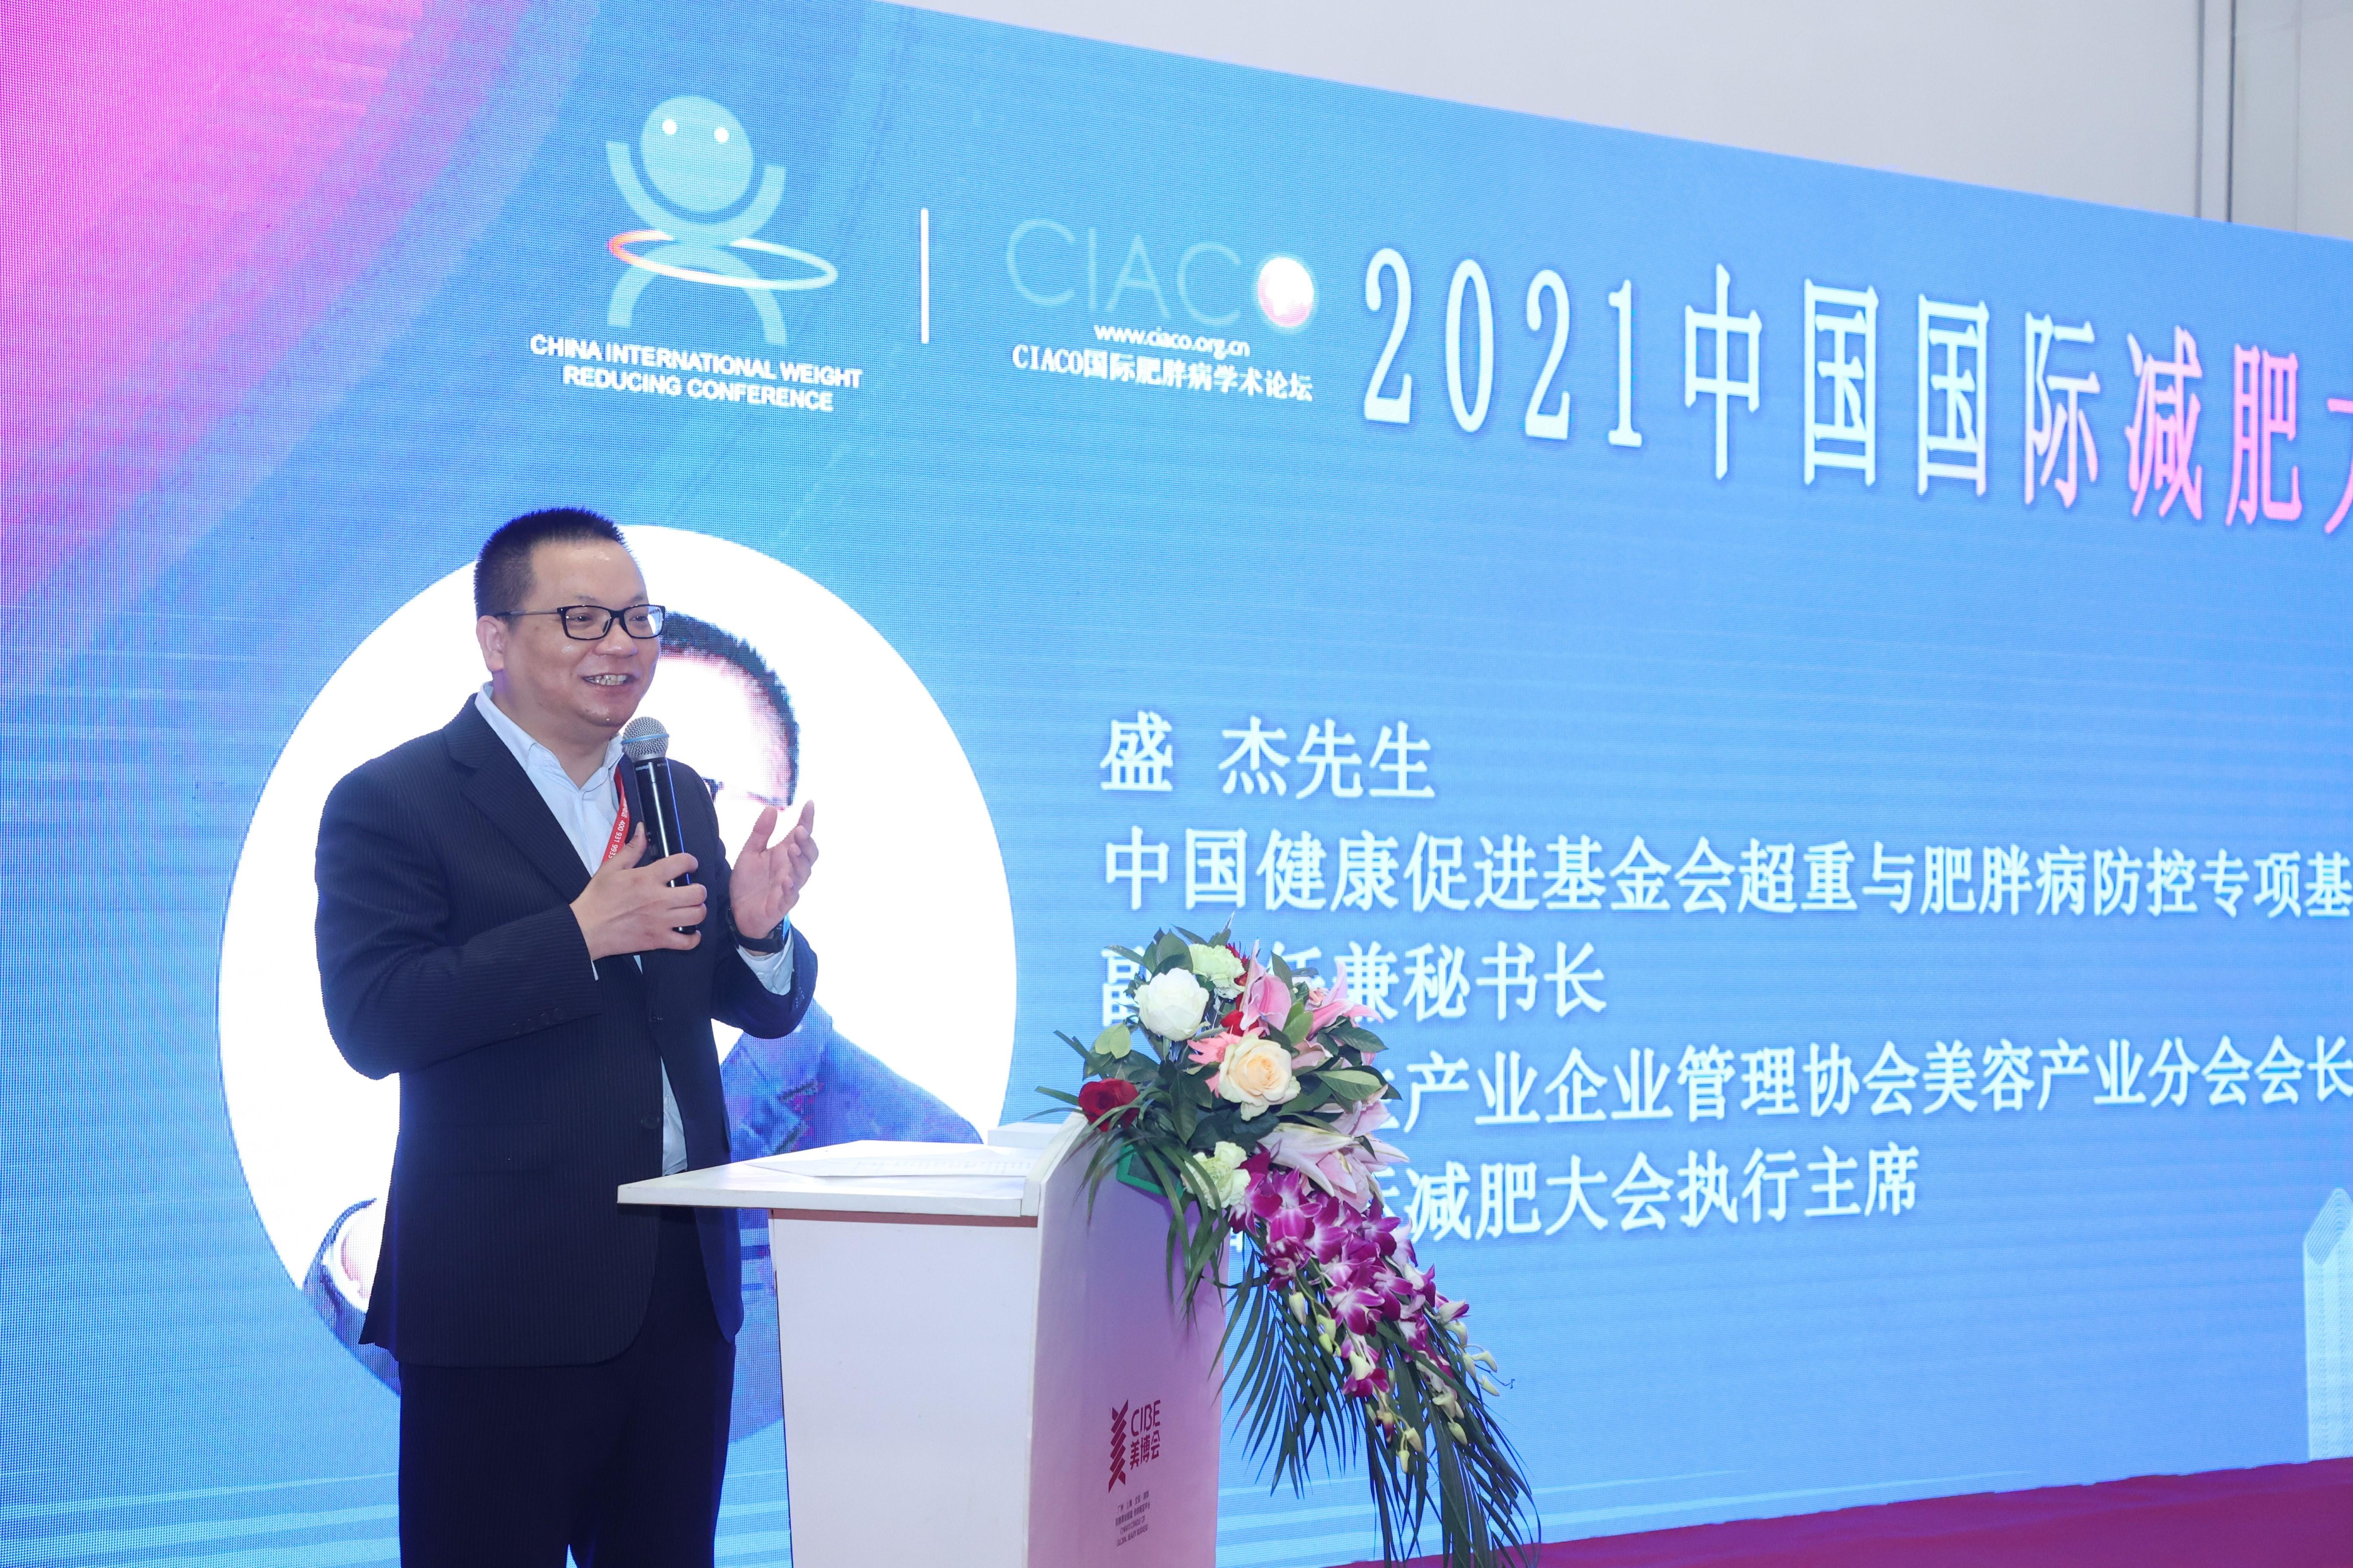 2021中国国际减肥大会落幕丽轻诚荣获大奖 展望行业未来